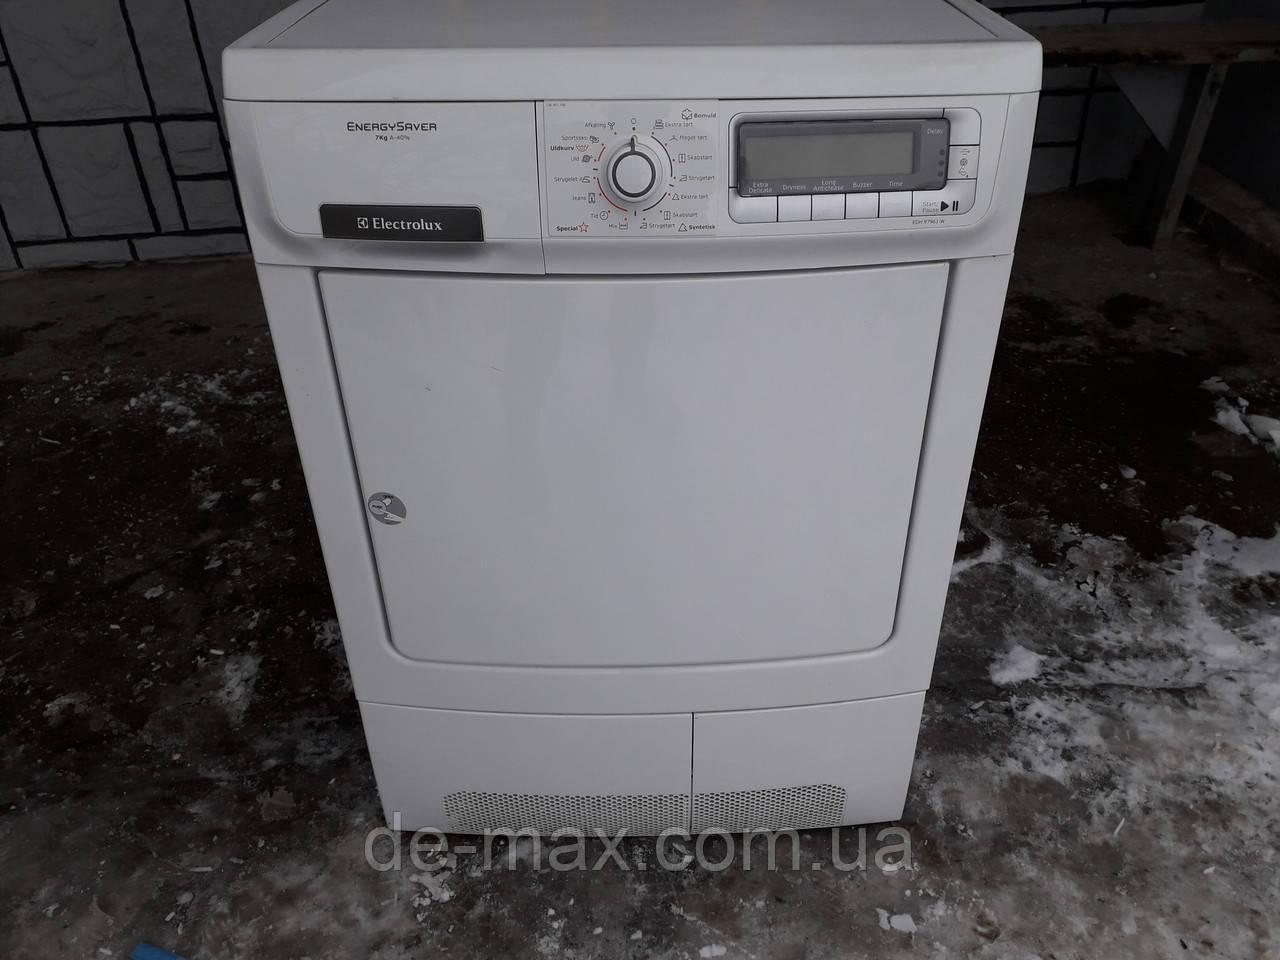 Сушильная машина aeg Electrolux EDH97961W компрессорная 7кг